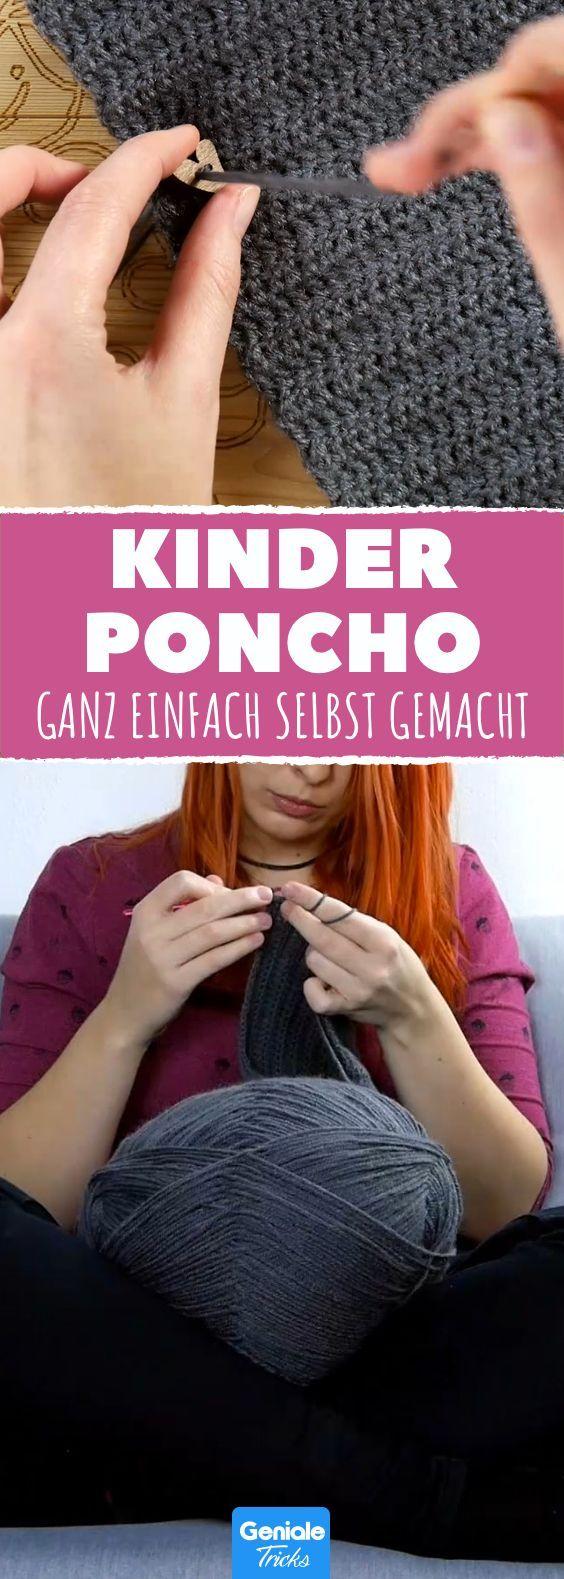 Ein wunderschöner Poncho für Kinder – trotzdem